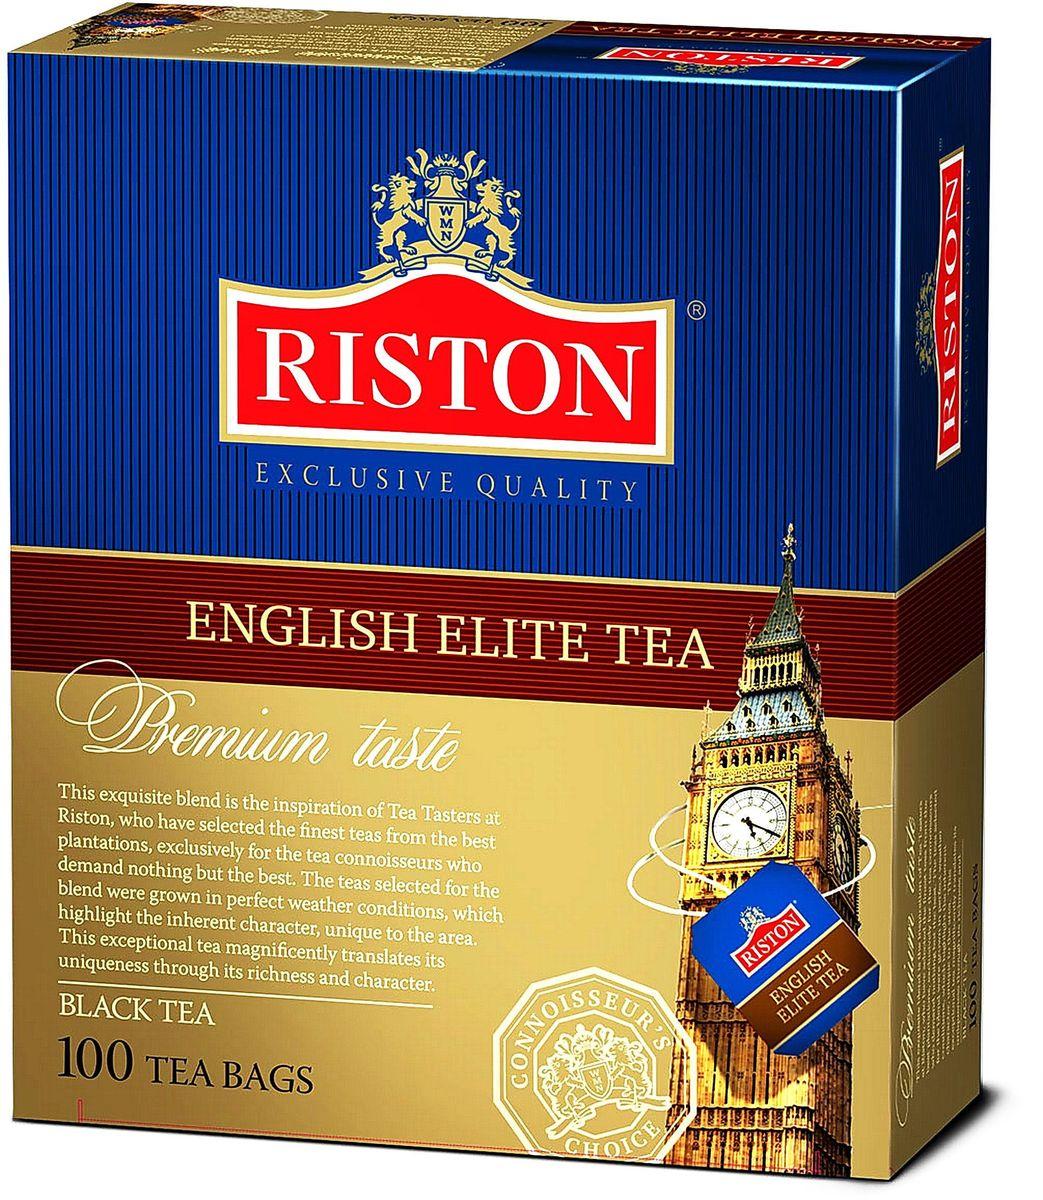 Riston Элитный Английский черный чай в пакетиках, 100 шт4792156000428Riston Элитный Английский - крепкий характер настоящего цейлонского чая с насыщенным ароматом и деликатной ноткой бергамота будет сопровождать вас в течение дня продолжительным мягким послевкусием.